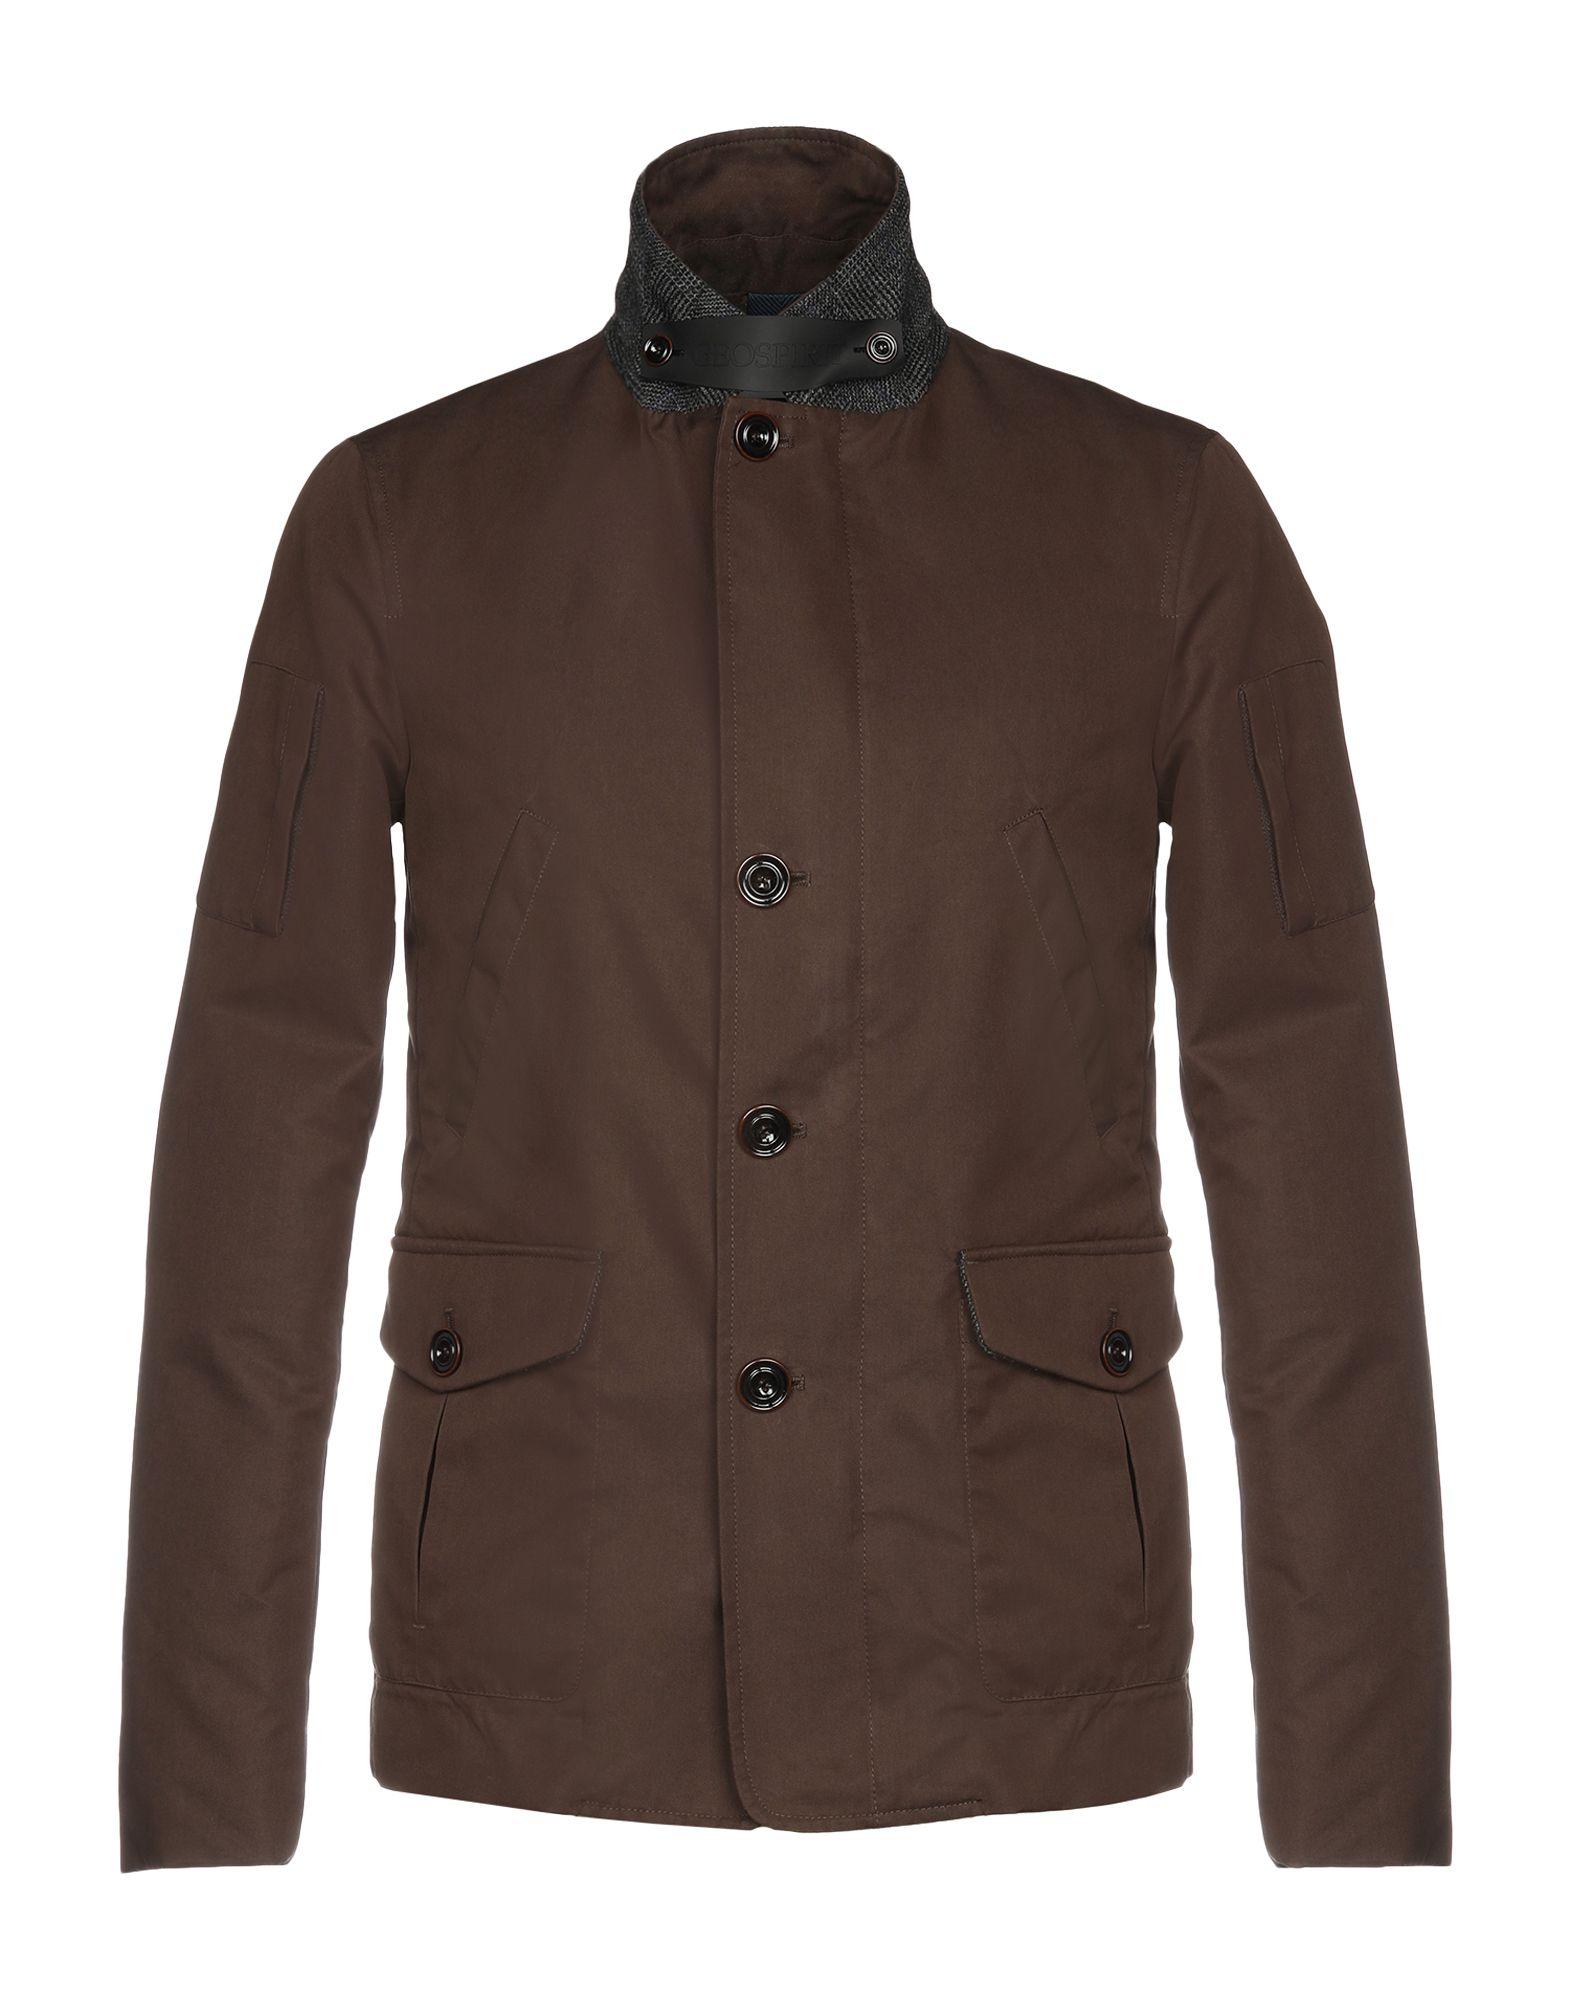 GEOSPIRIT Down Jackets in Dark Brown